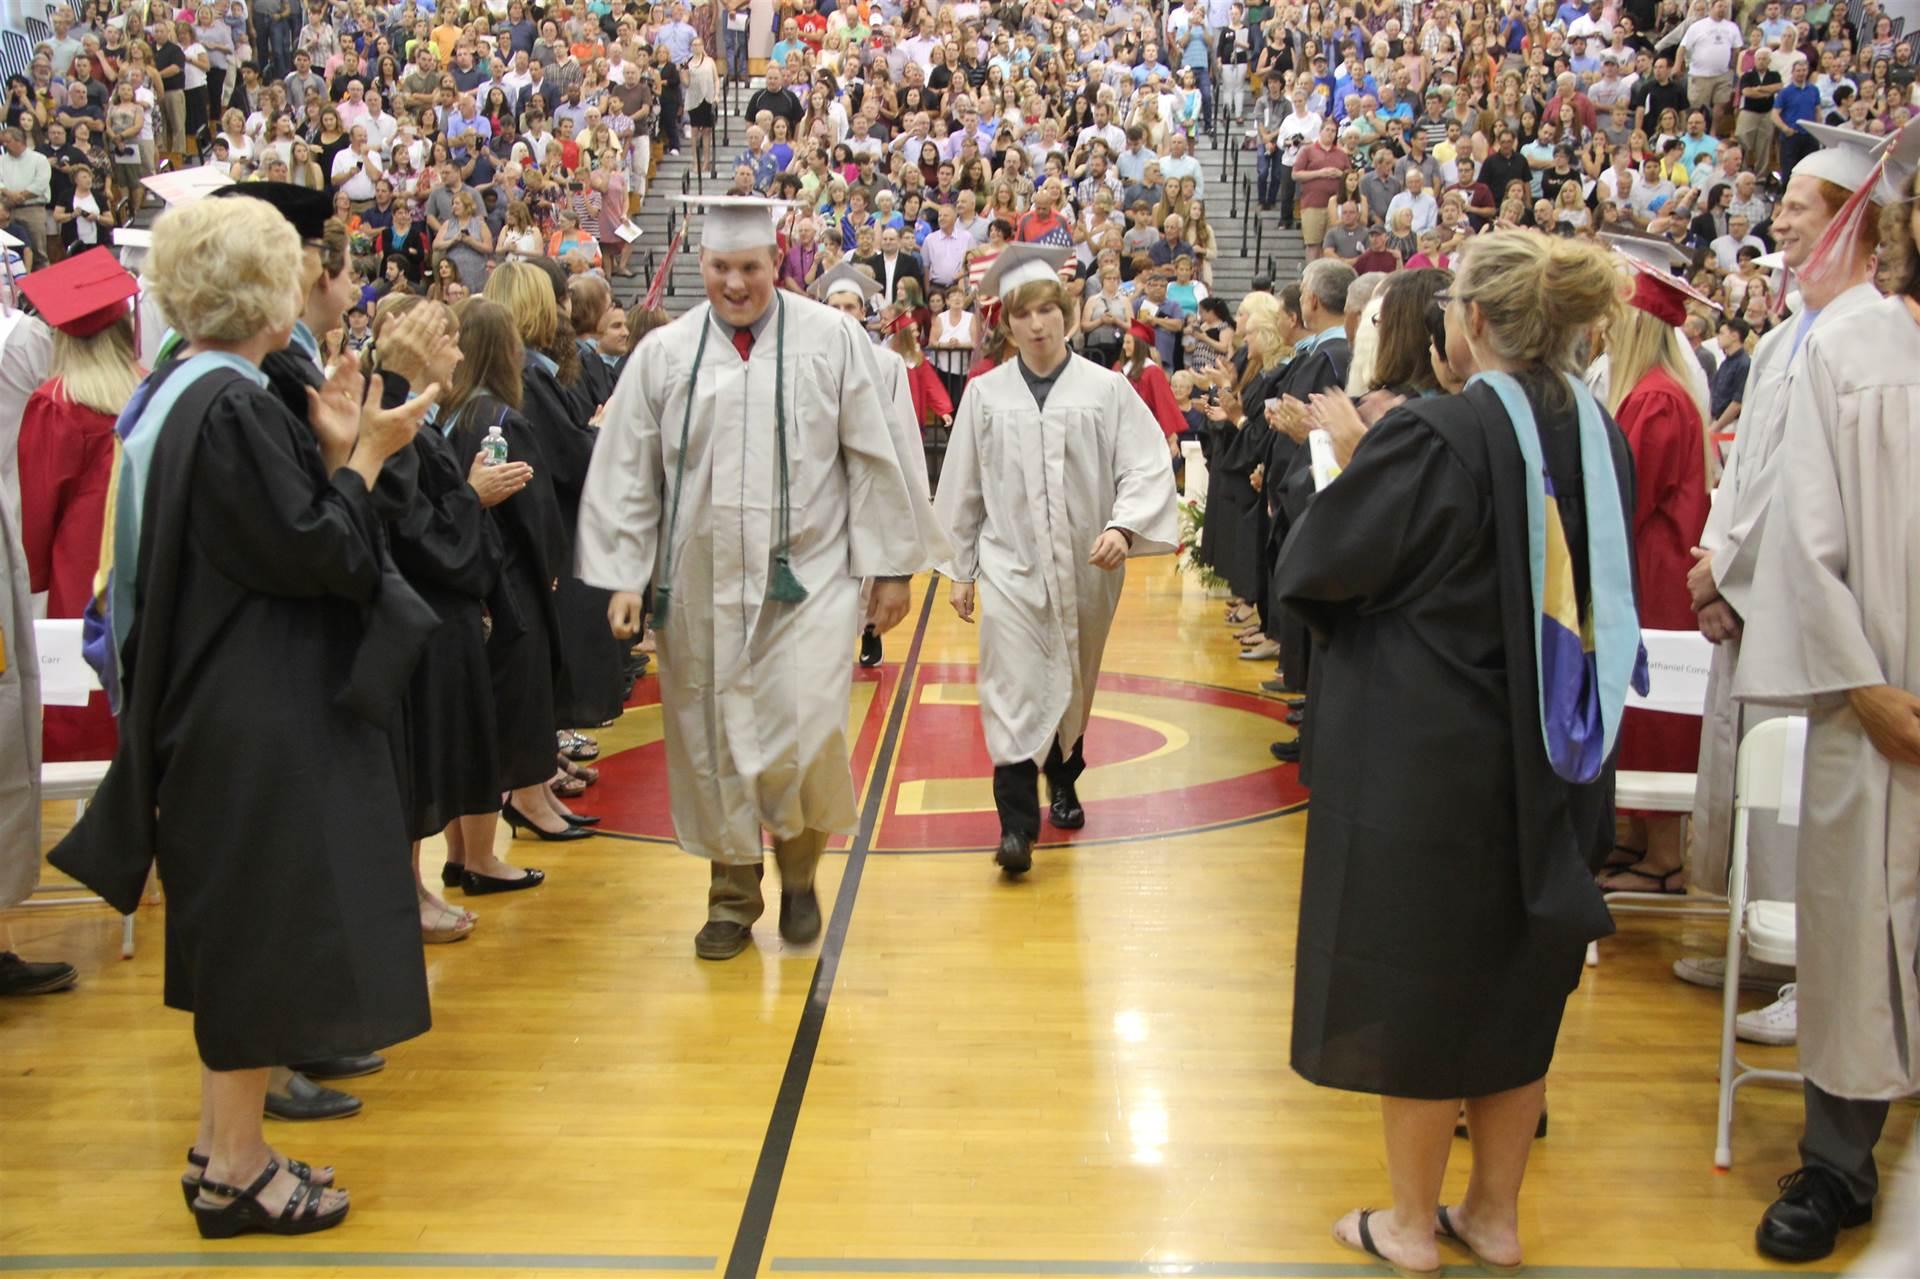 photo 69 from 2017 C V Graduation.